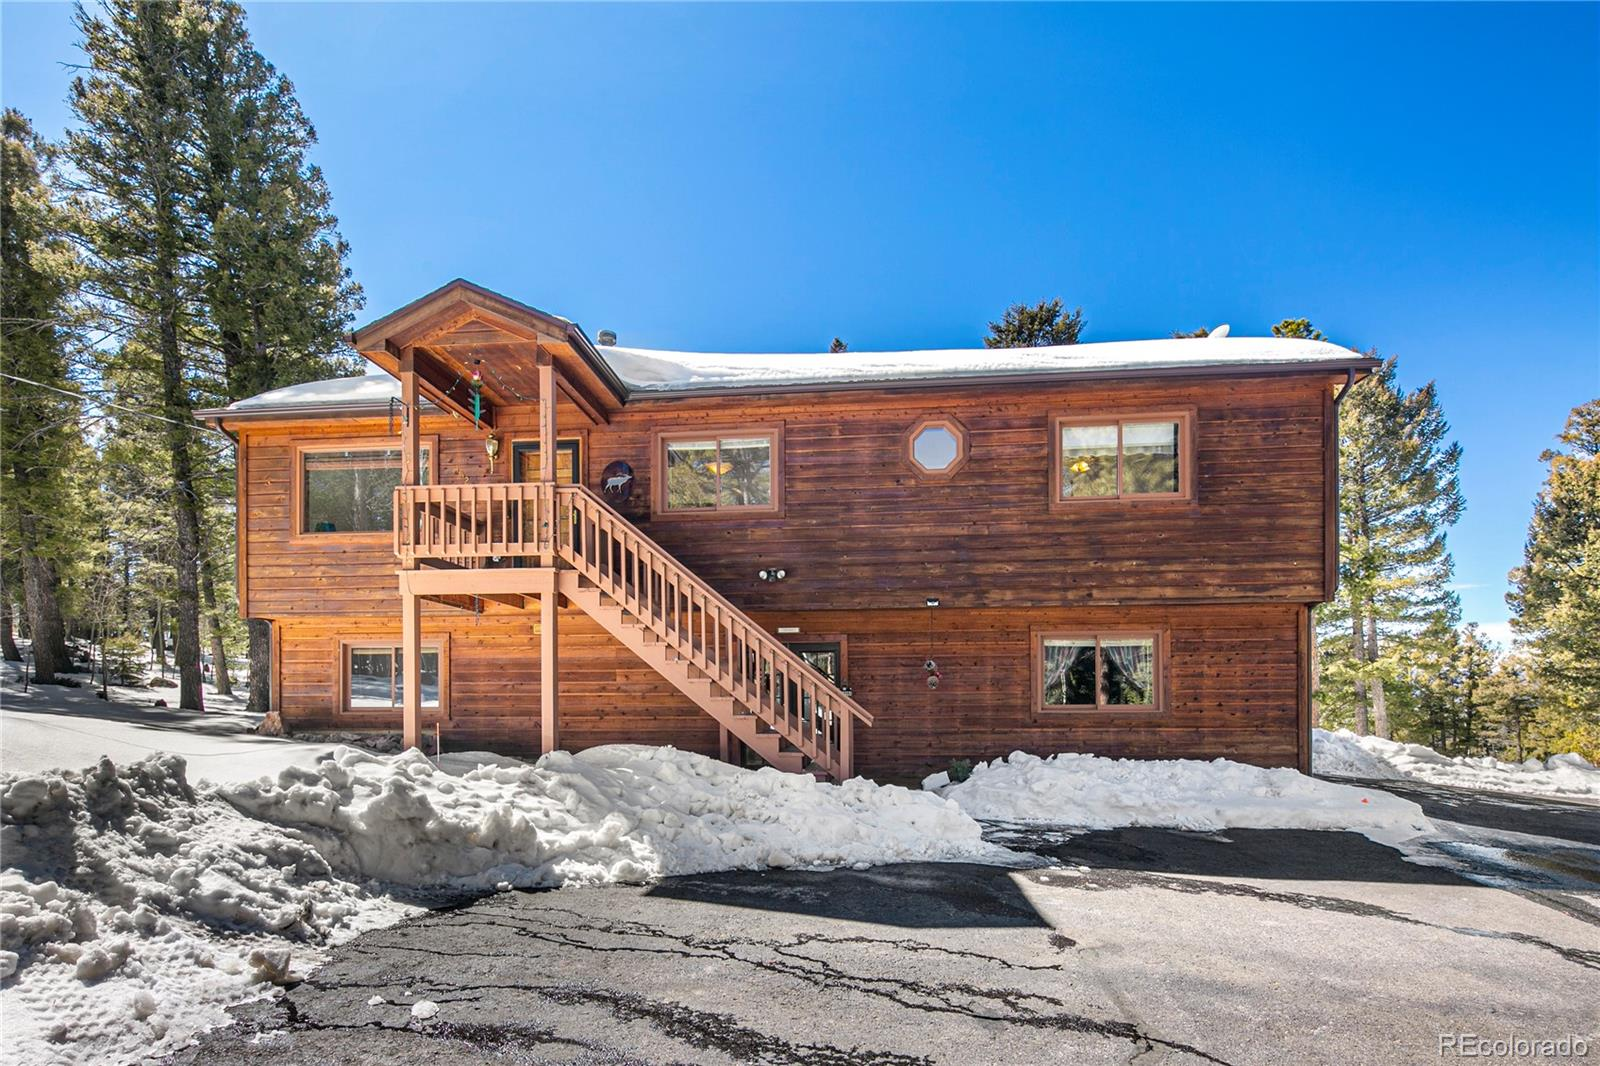 MLS# 3744542 - 7 - 13281 Callae Drive, Conifer, CO 80433